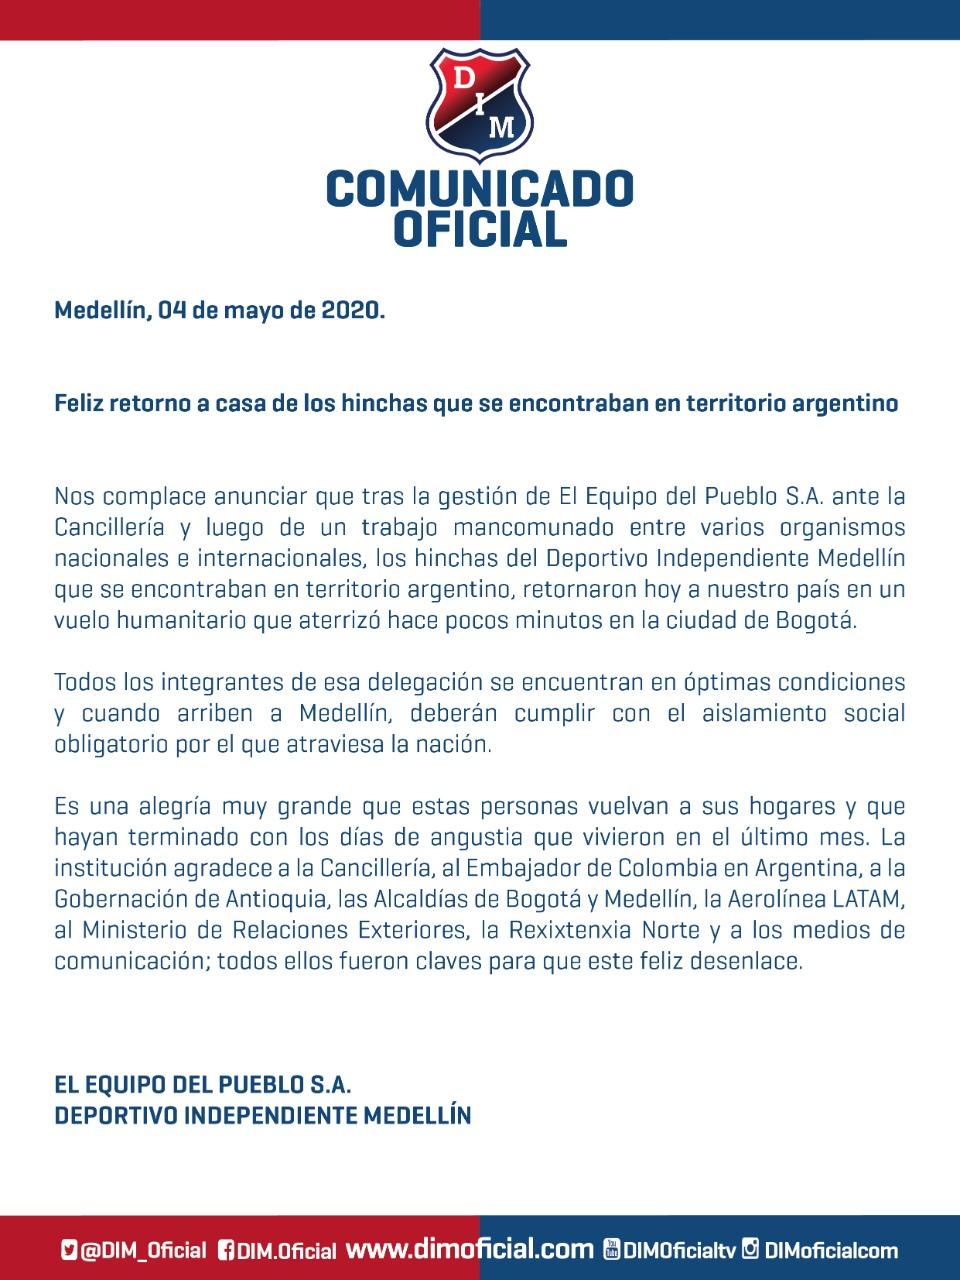 Comunicado oficial Independiente Medellín, 4 de mayo de 2020